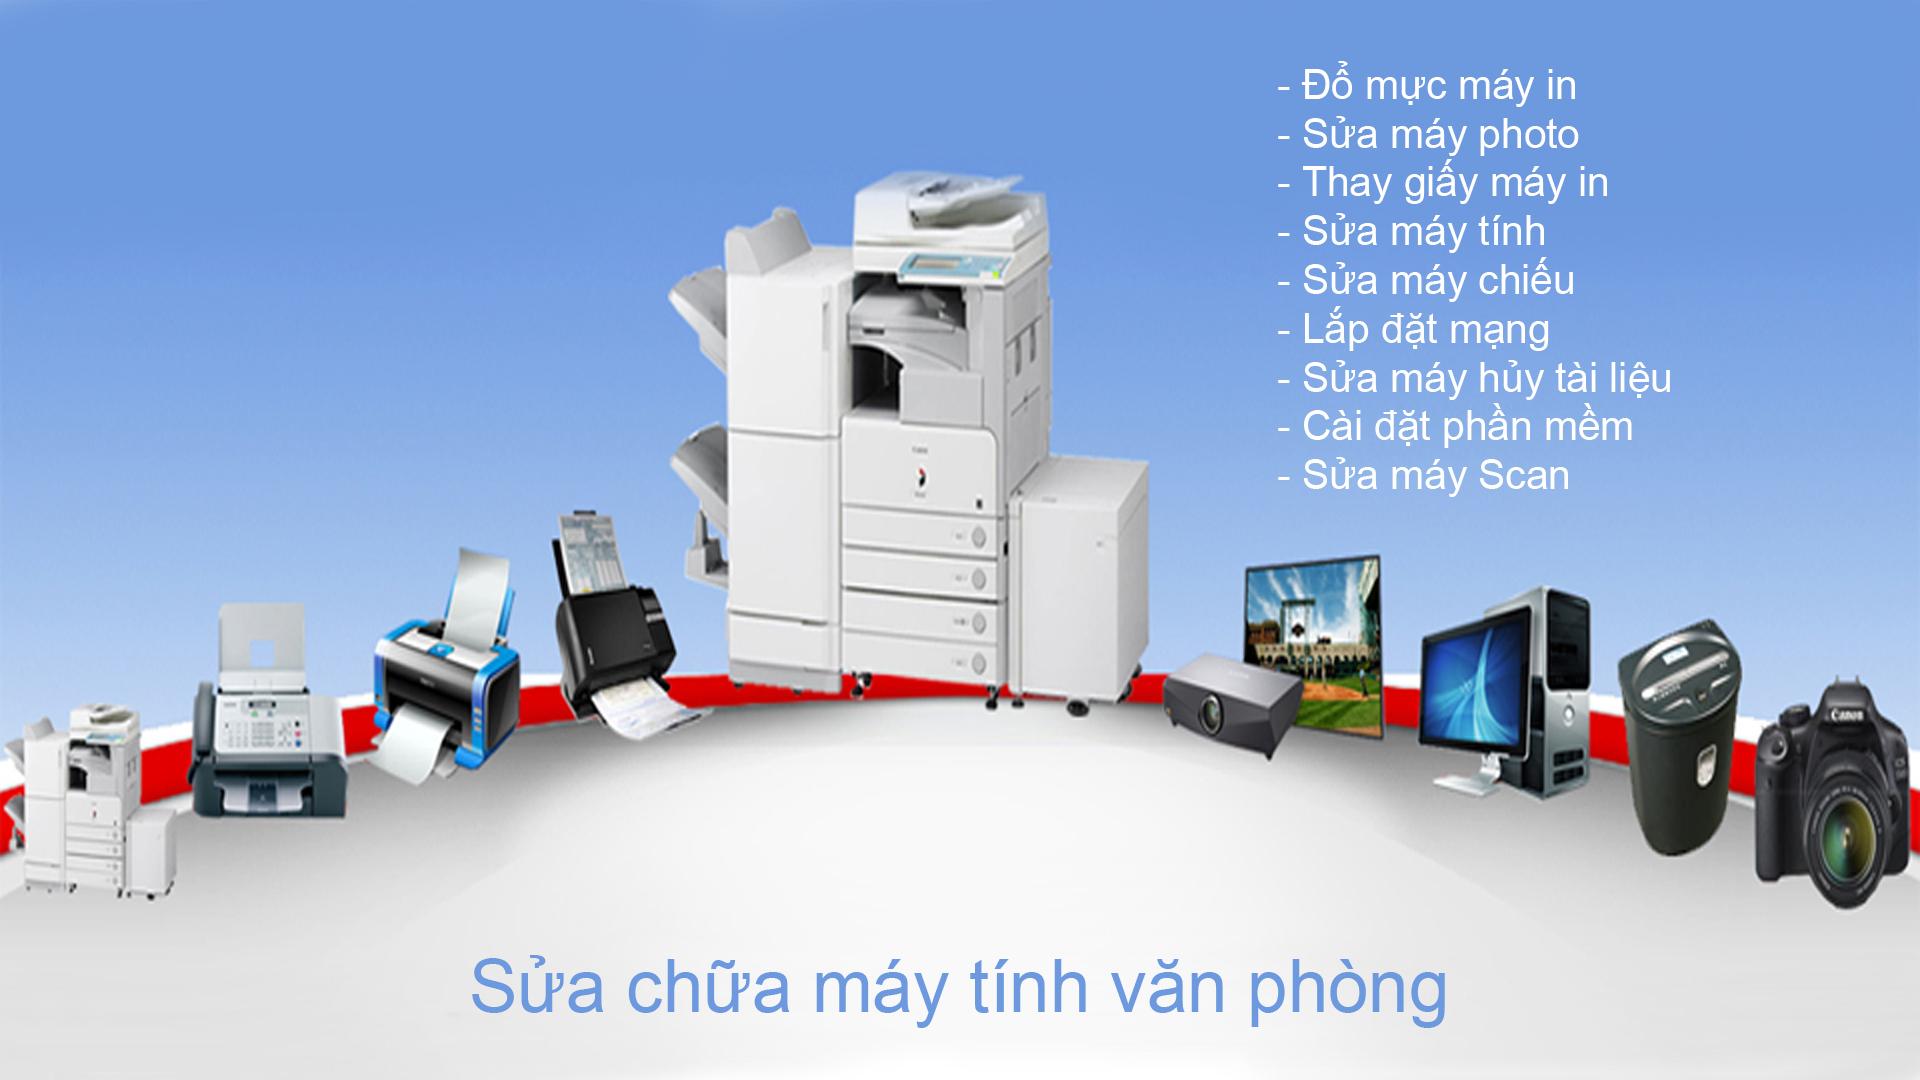 Sửa Máy văn phòng tại nhà: nhanh chóng - Chuyên nghiệp